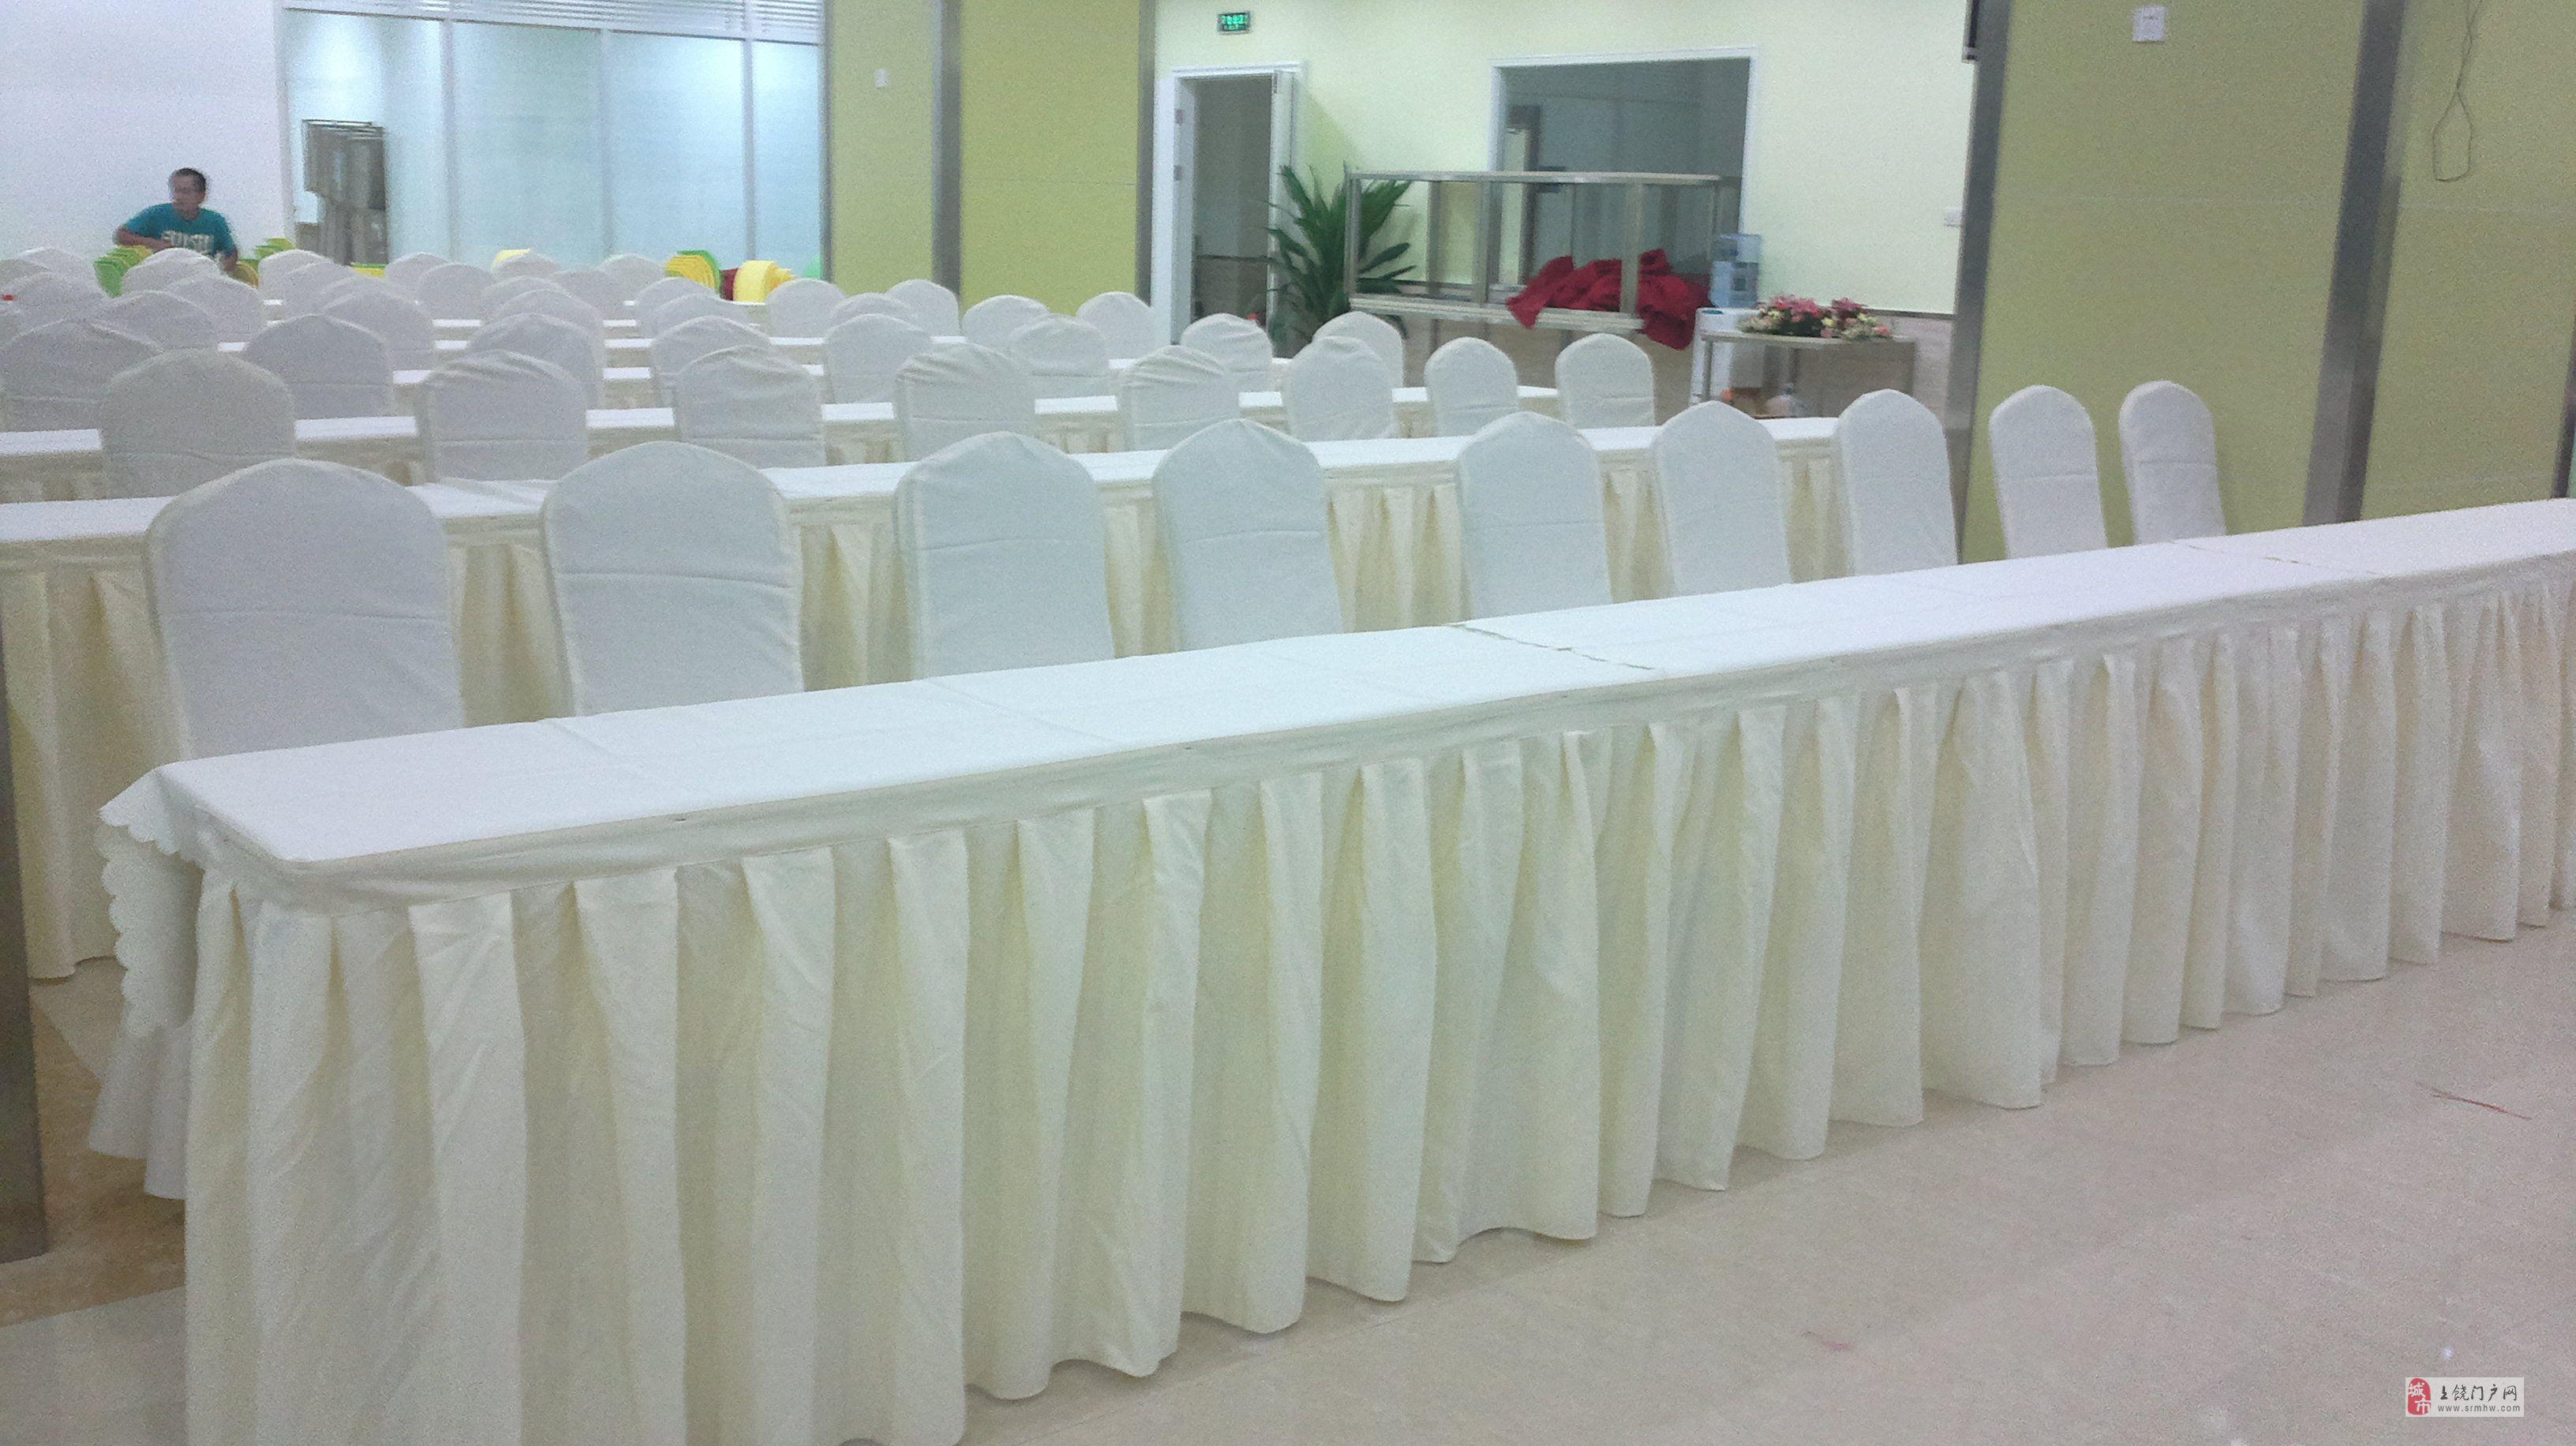 北京桌椅租赁有限公司是专为各企、事业单位举办的各种活动提供全方位服务的企业,主要租赁或出租物品:宴会椅、折叠椅、水晶椅、会议椅、藤椅、吧椅、沙滩椅、沙发、长条桌、圆桌、方桌、ibm桌玻璃桌、吧桌、吧椅 沙滩桌(木制桌椅)、讲台、地毯、活动帐篷、大、小型帐篷、遮阳伞、遮阳棚、灯光、音响、桁架搭建制作、舞台、地台搭建、背景板安装、展览注水旗杆、护栏、围栏、台布、台裙、椅套、气球拱门、升空气球、空飘、护栏/隔离栏、指示牌 警戒线 铁马 采暖炉 燃气采暖炉、电暖气、布菲炉、餐盘、刀叉、鸡尾酒杯、红酒杯、饮料杯、香